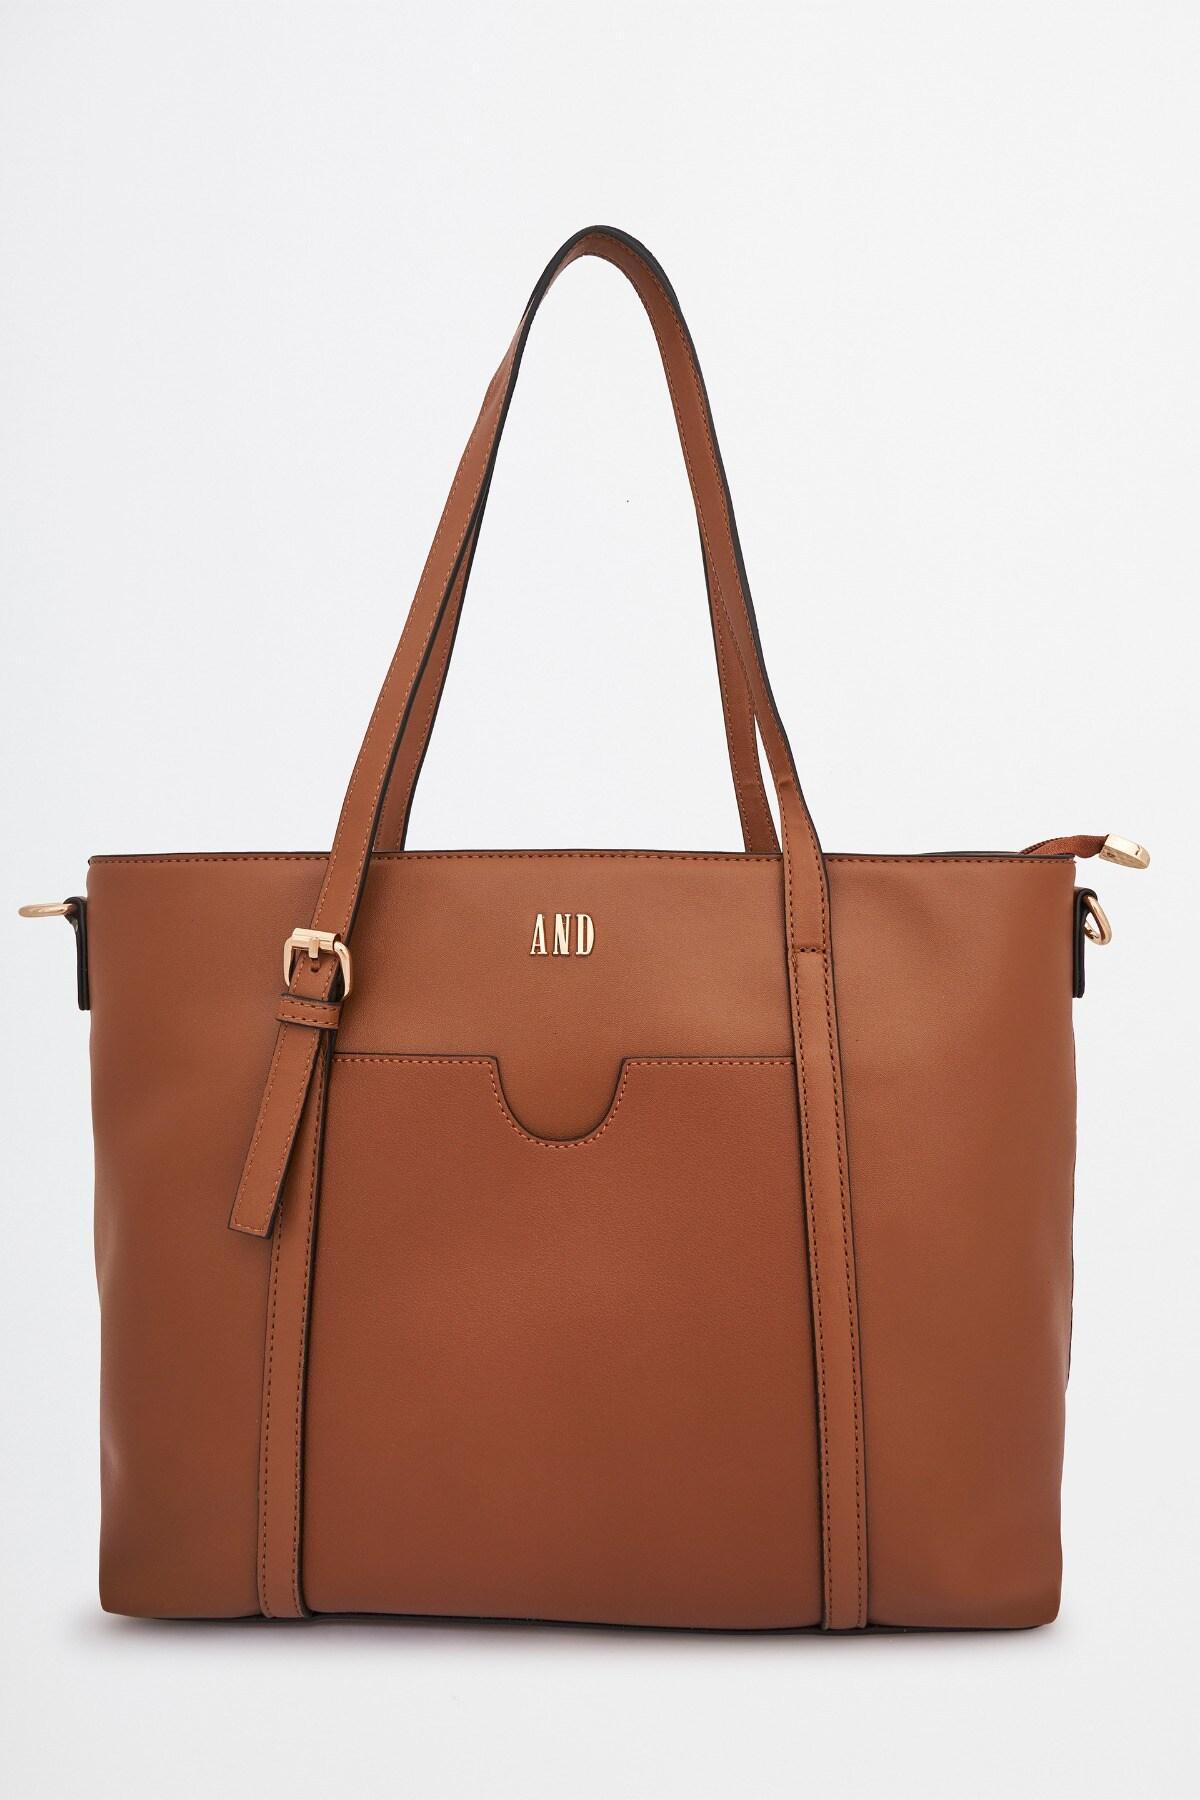 AND | Tan Shoulder Bag Handbag